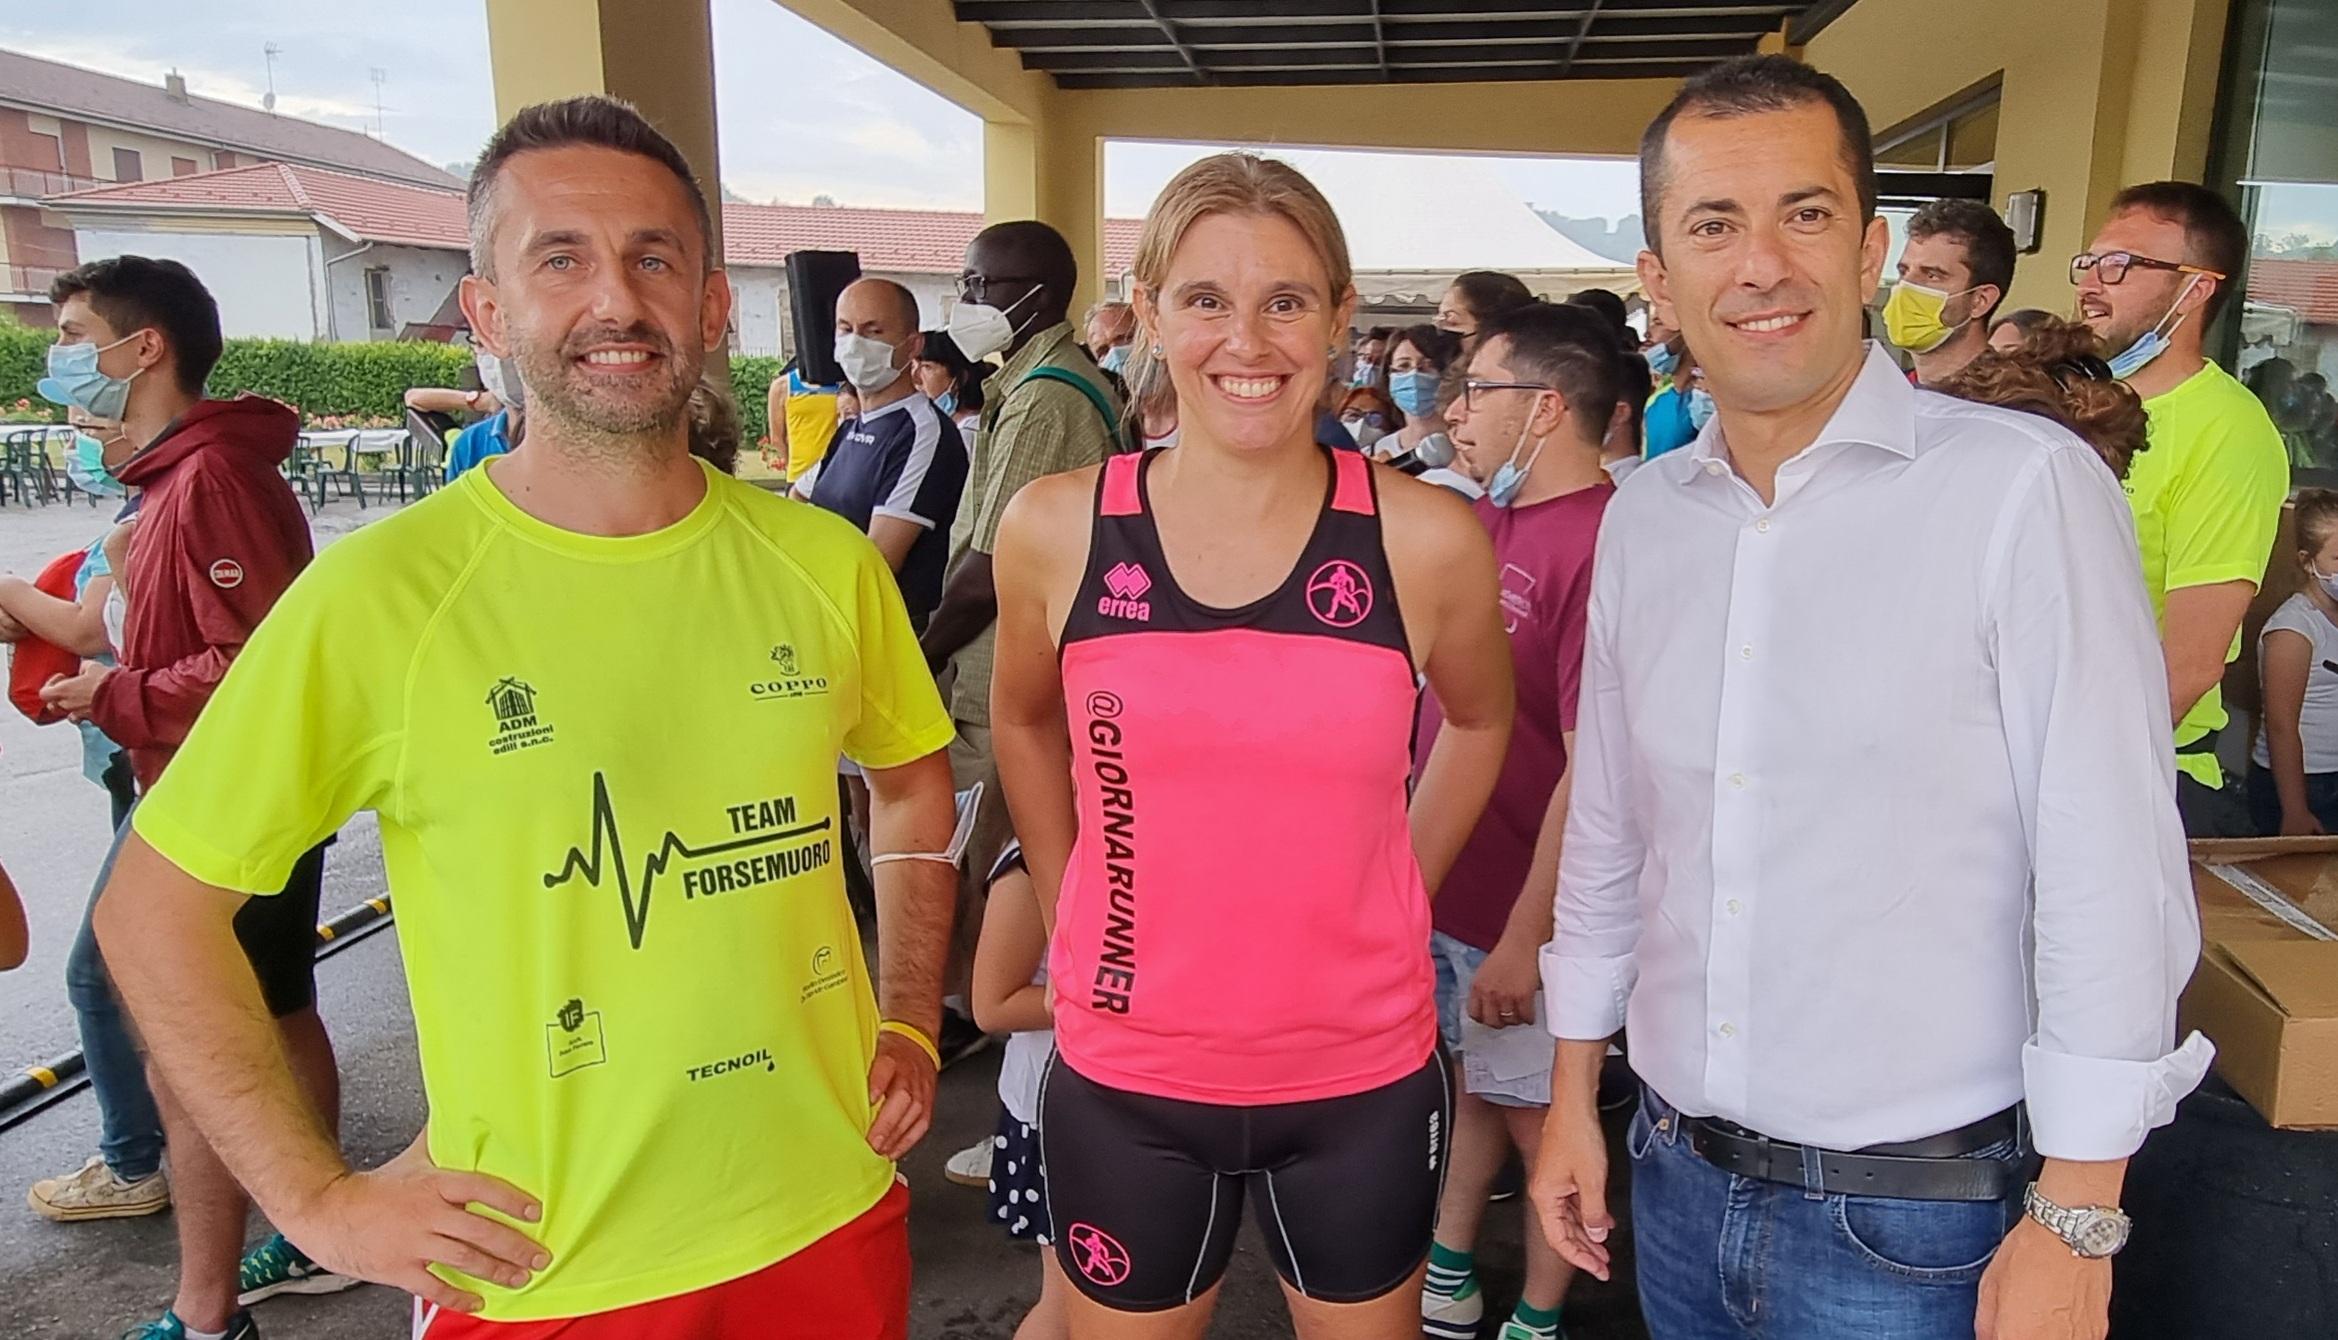 Con Ivan Ferrero e Marco Gabusi, Assessore della Regione Piemonte e amico podista